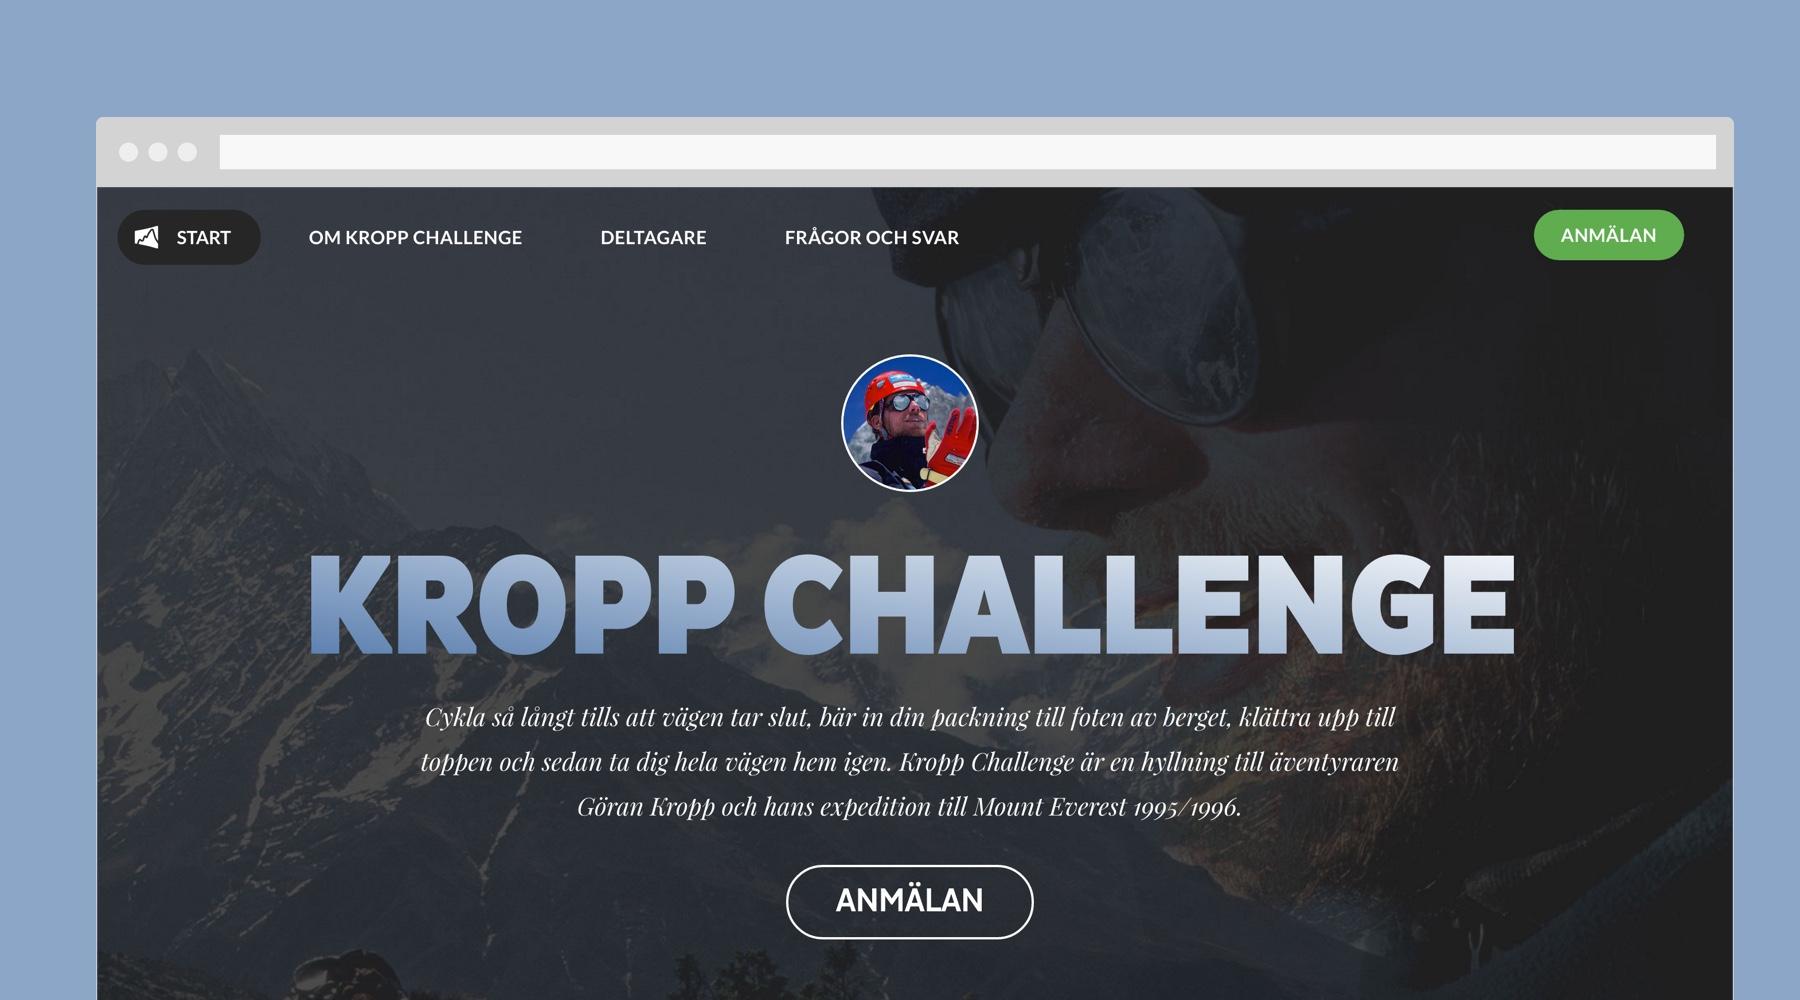 Kropp Challenge